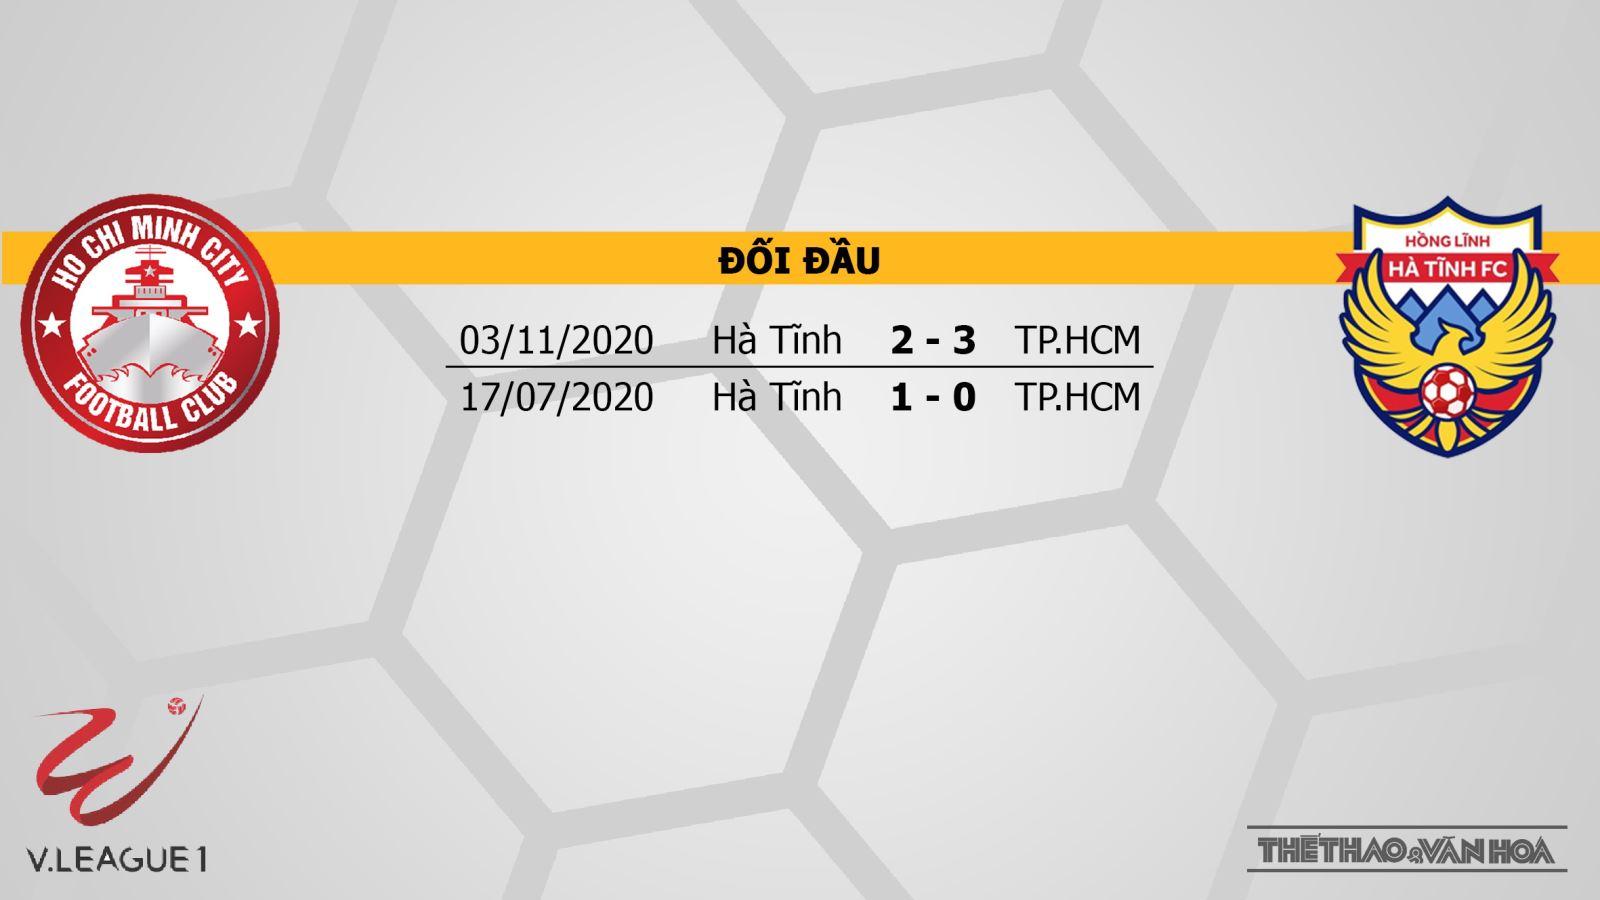 Keo nha cai, Kèo nhà cái, TPHCM vs Hà Tĩnh, trực tiếp bóng đá, BĐTV, Trực tiếp bóng đá Việt Nam 2021, xem trực tiếp TPHCM vs Hà Tĩnh, xem bóng đá Việt Nam, kèo bóng đá